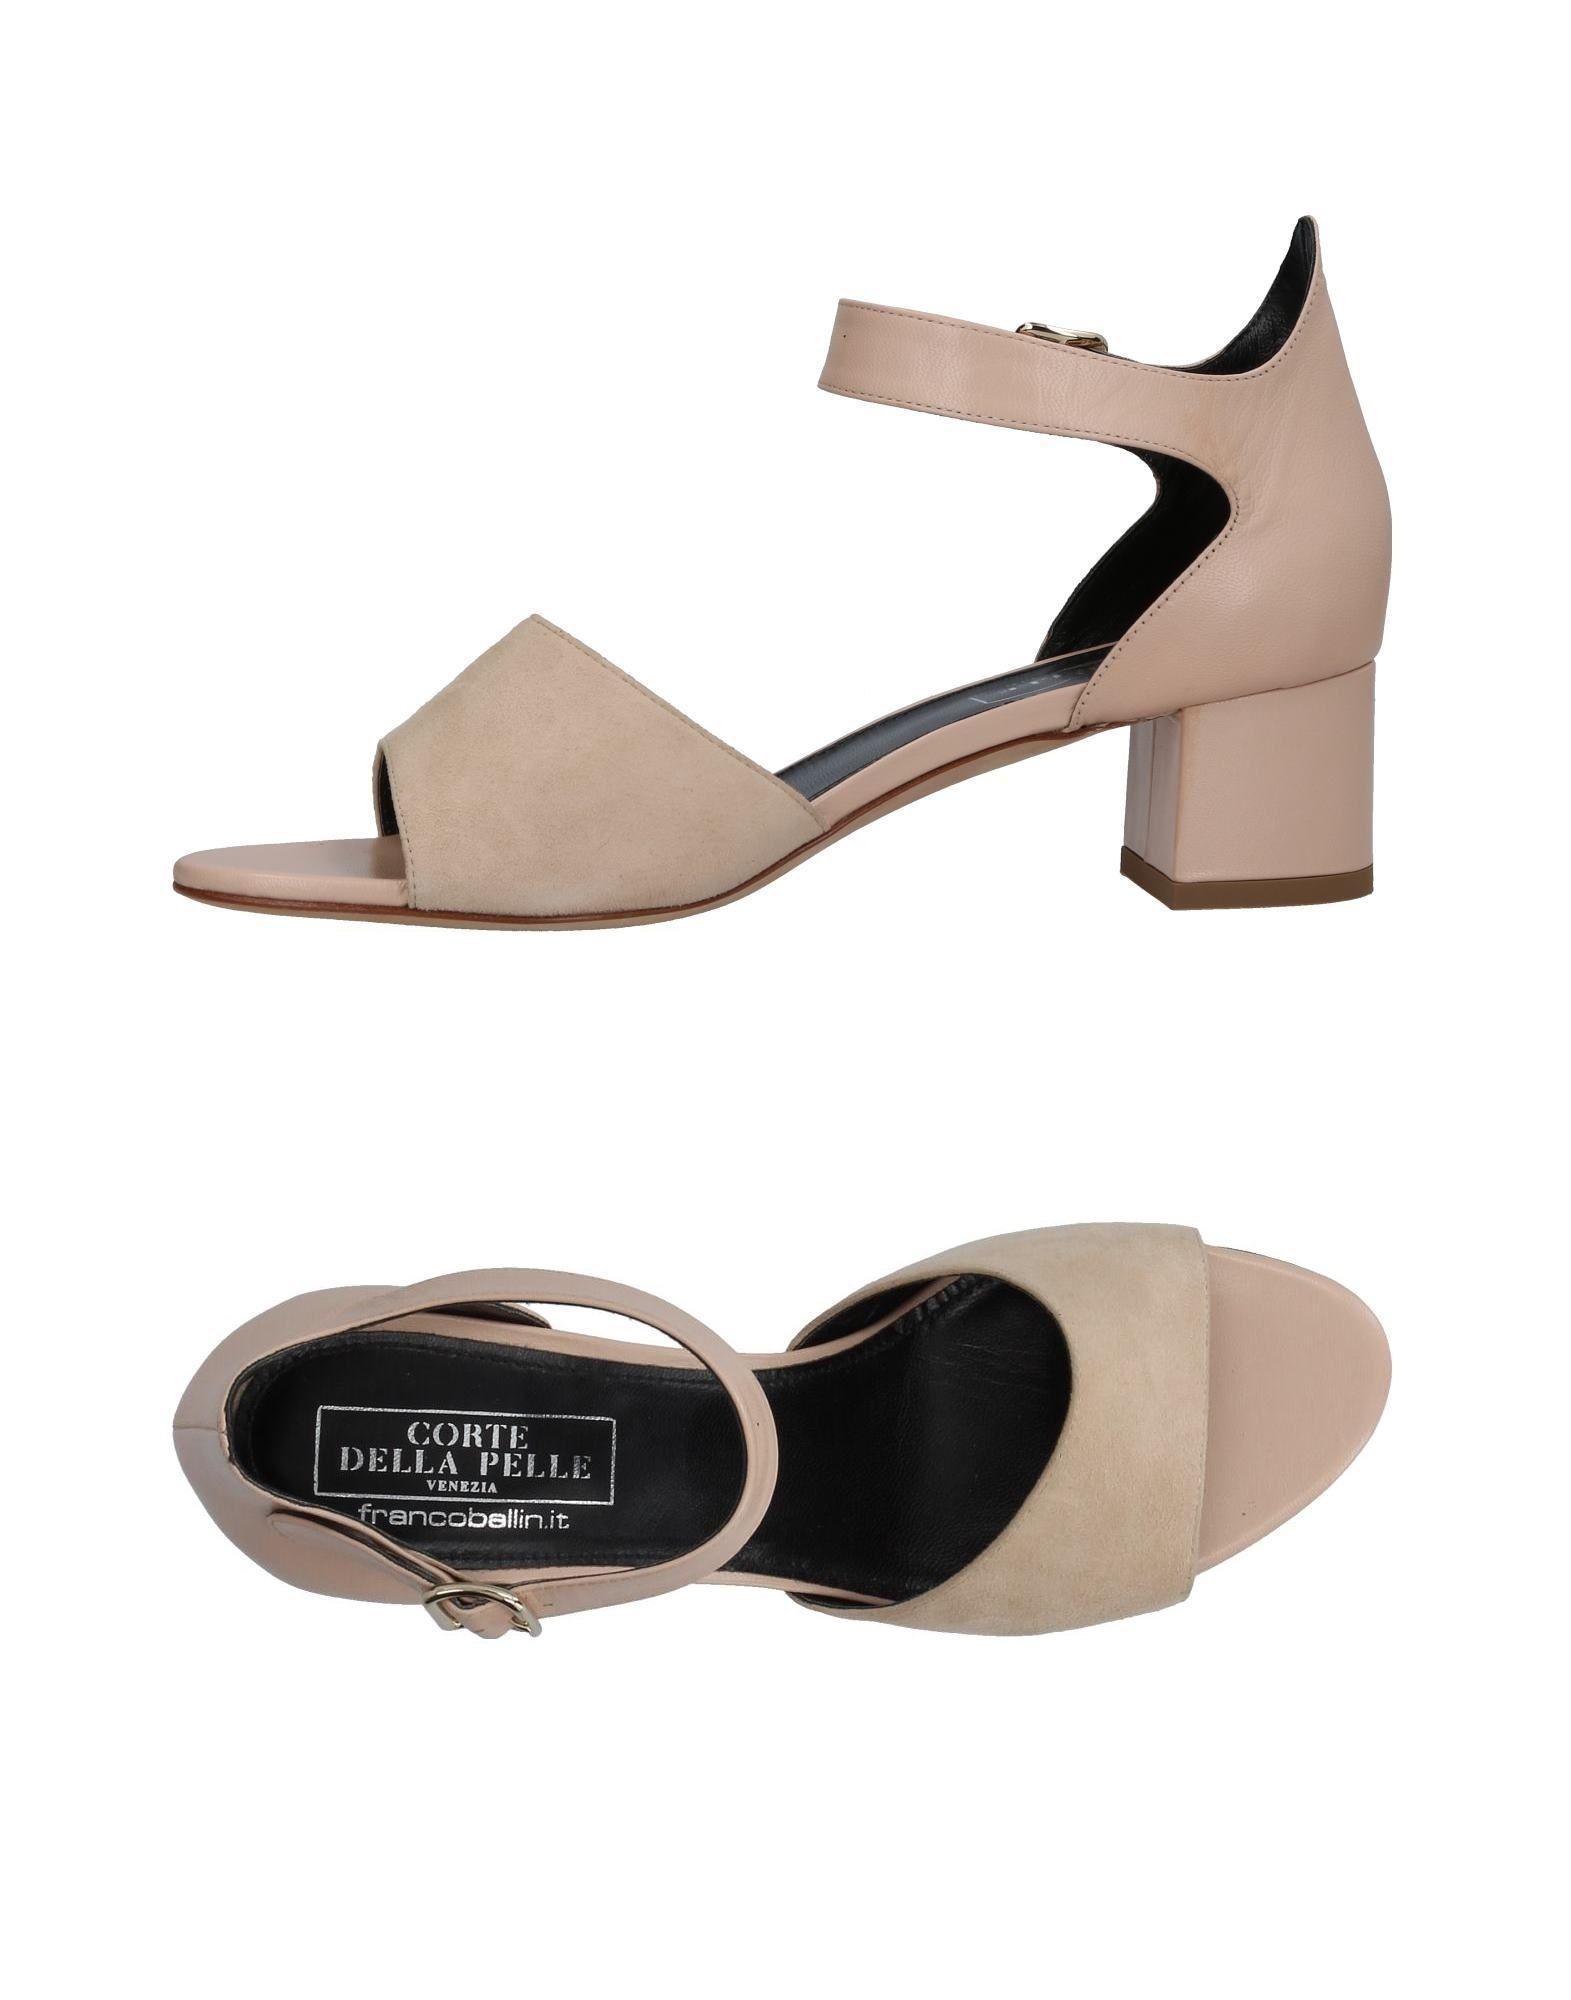 Stilvolle billige Schuhe La Corte Della Pelle By Franco Ballin Sandalen Damen  11374723LT